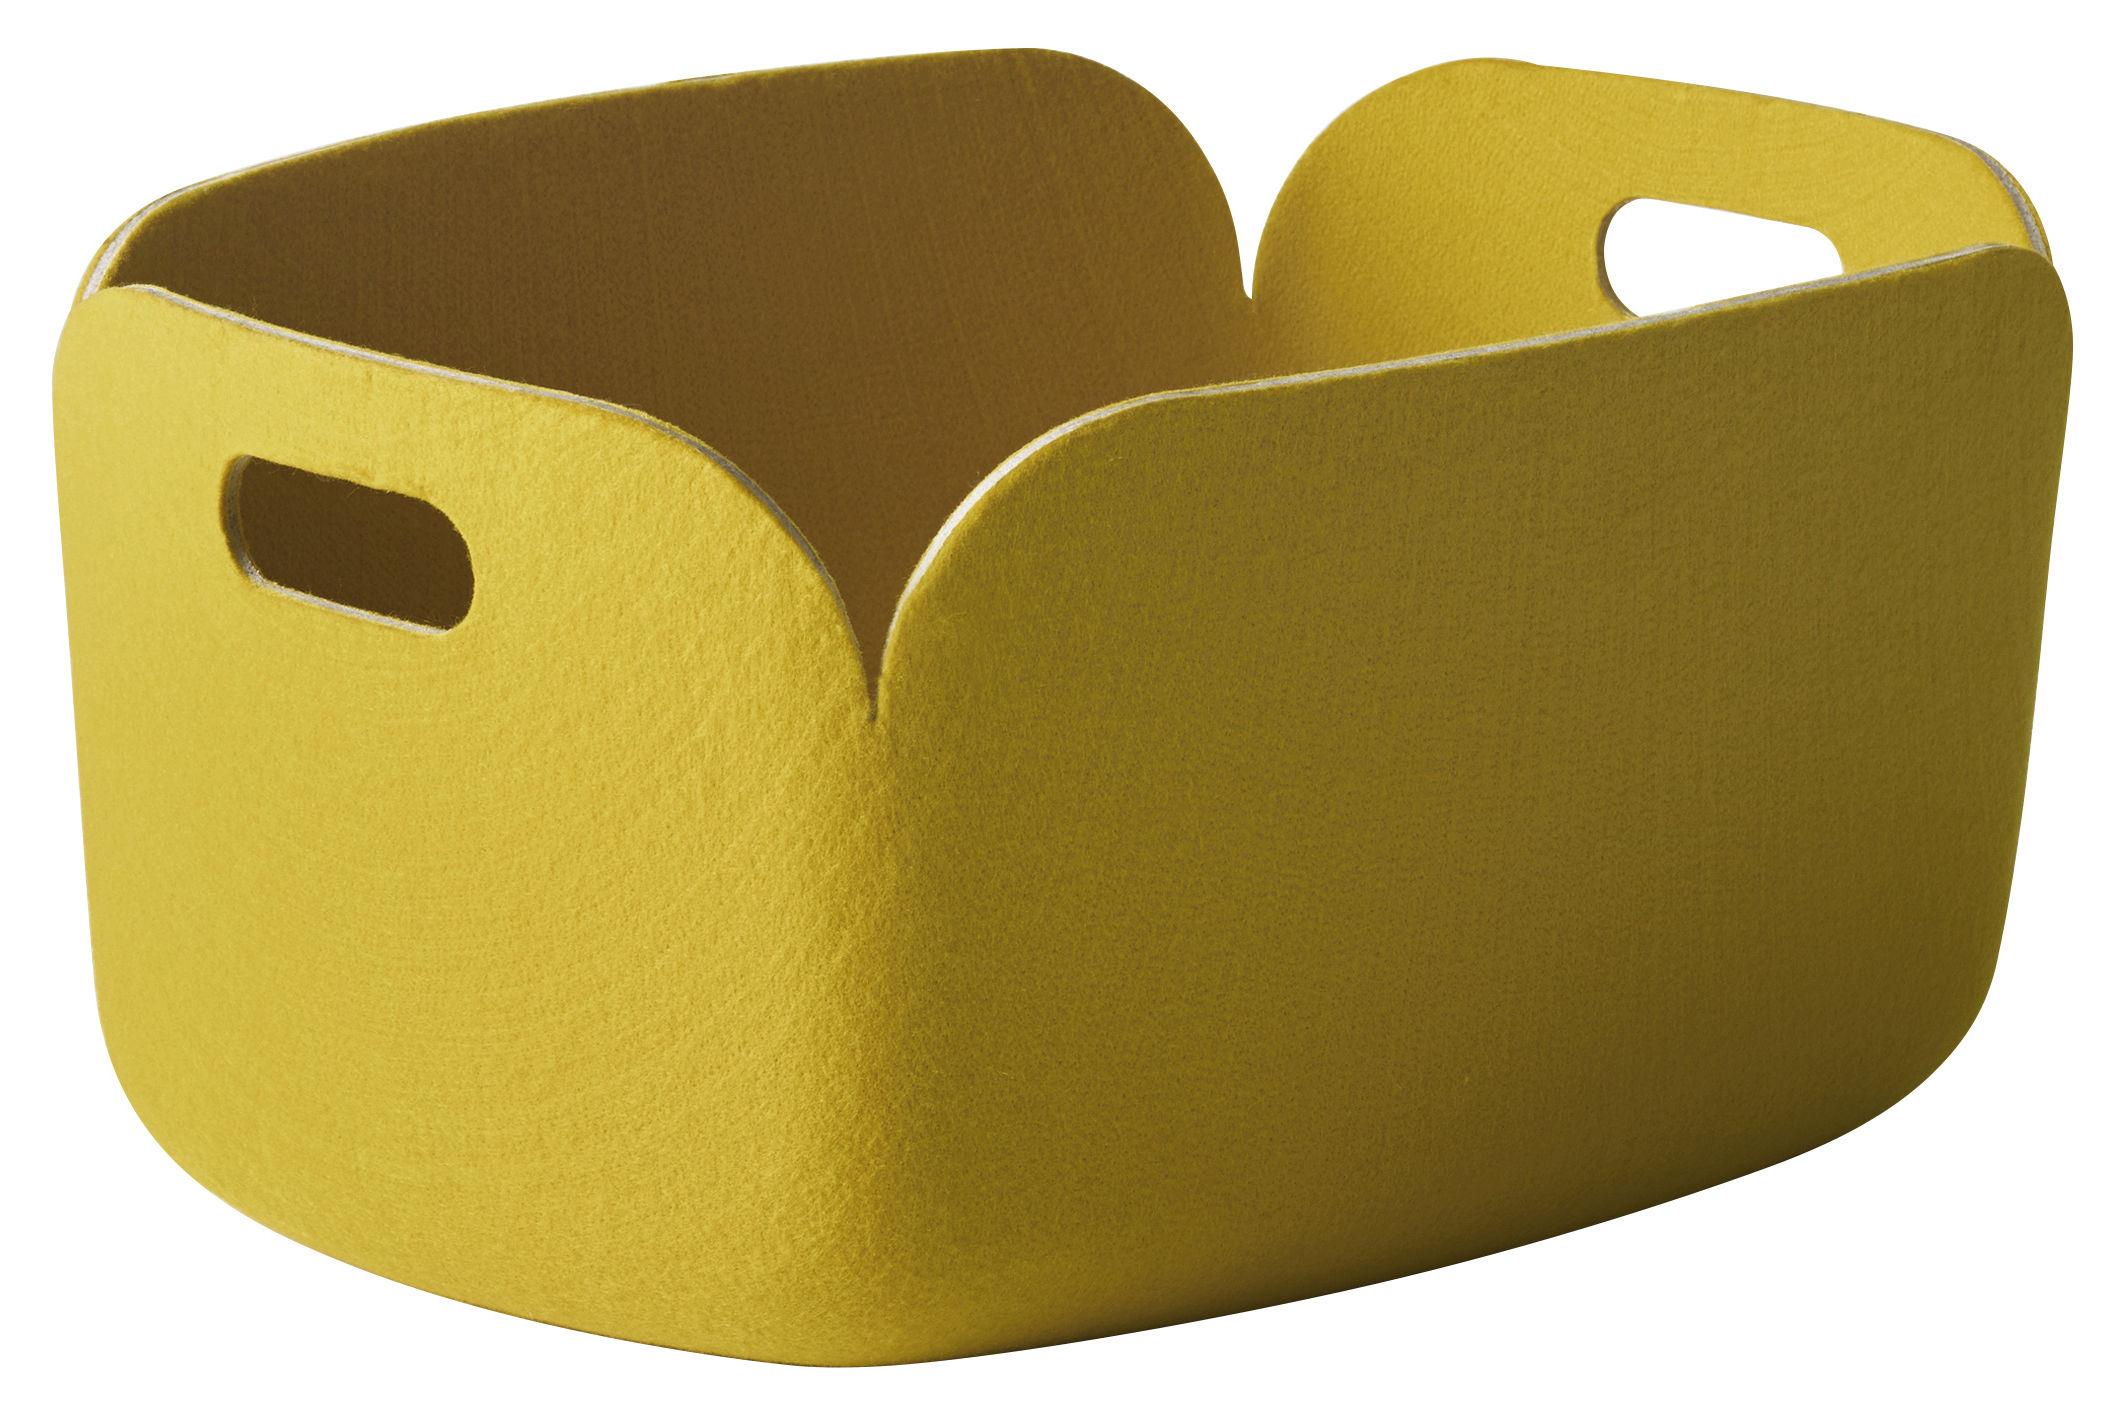 Déco - Paniers et petits rangements - Panier Restore / Feutre - 35 x 48 cm - Muuto - Jaune - Feutre recyclé